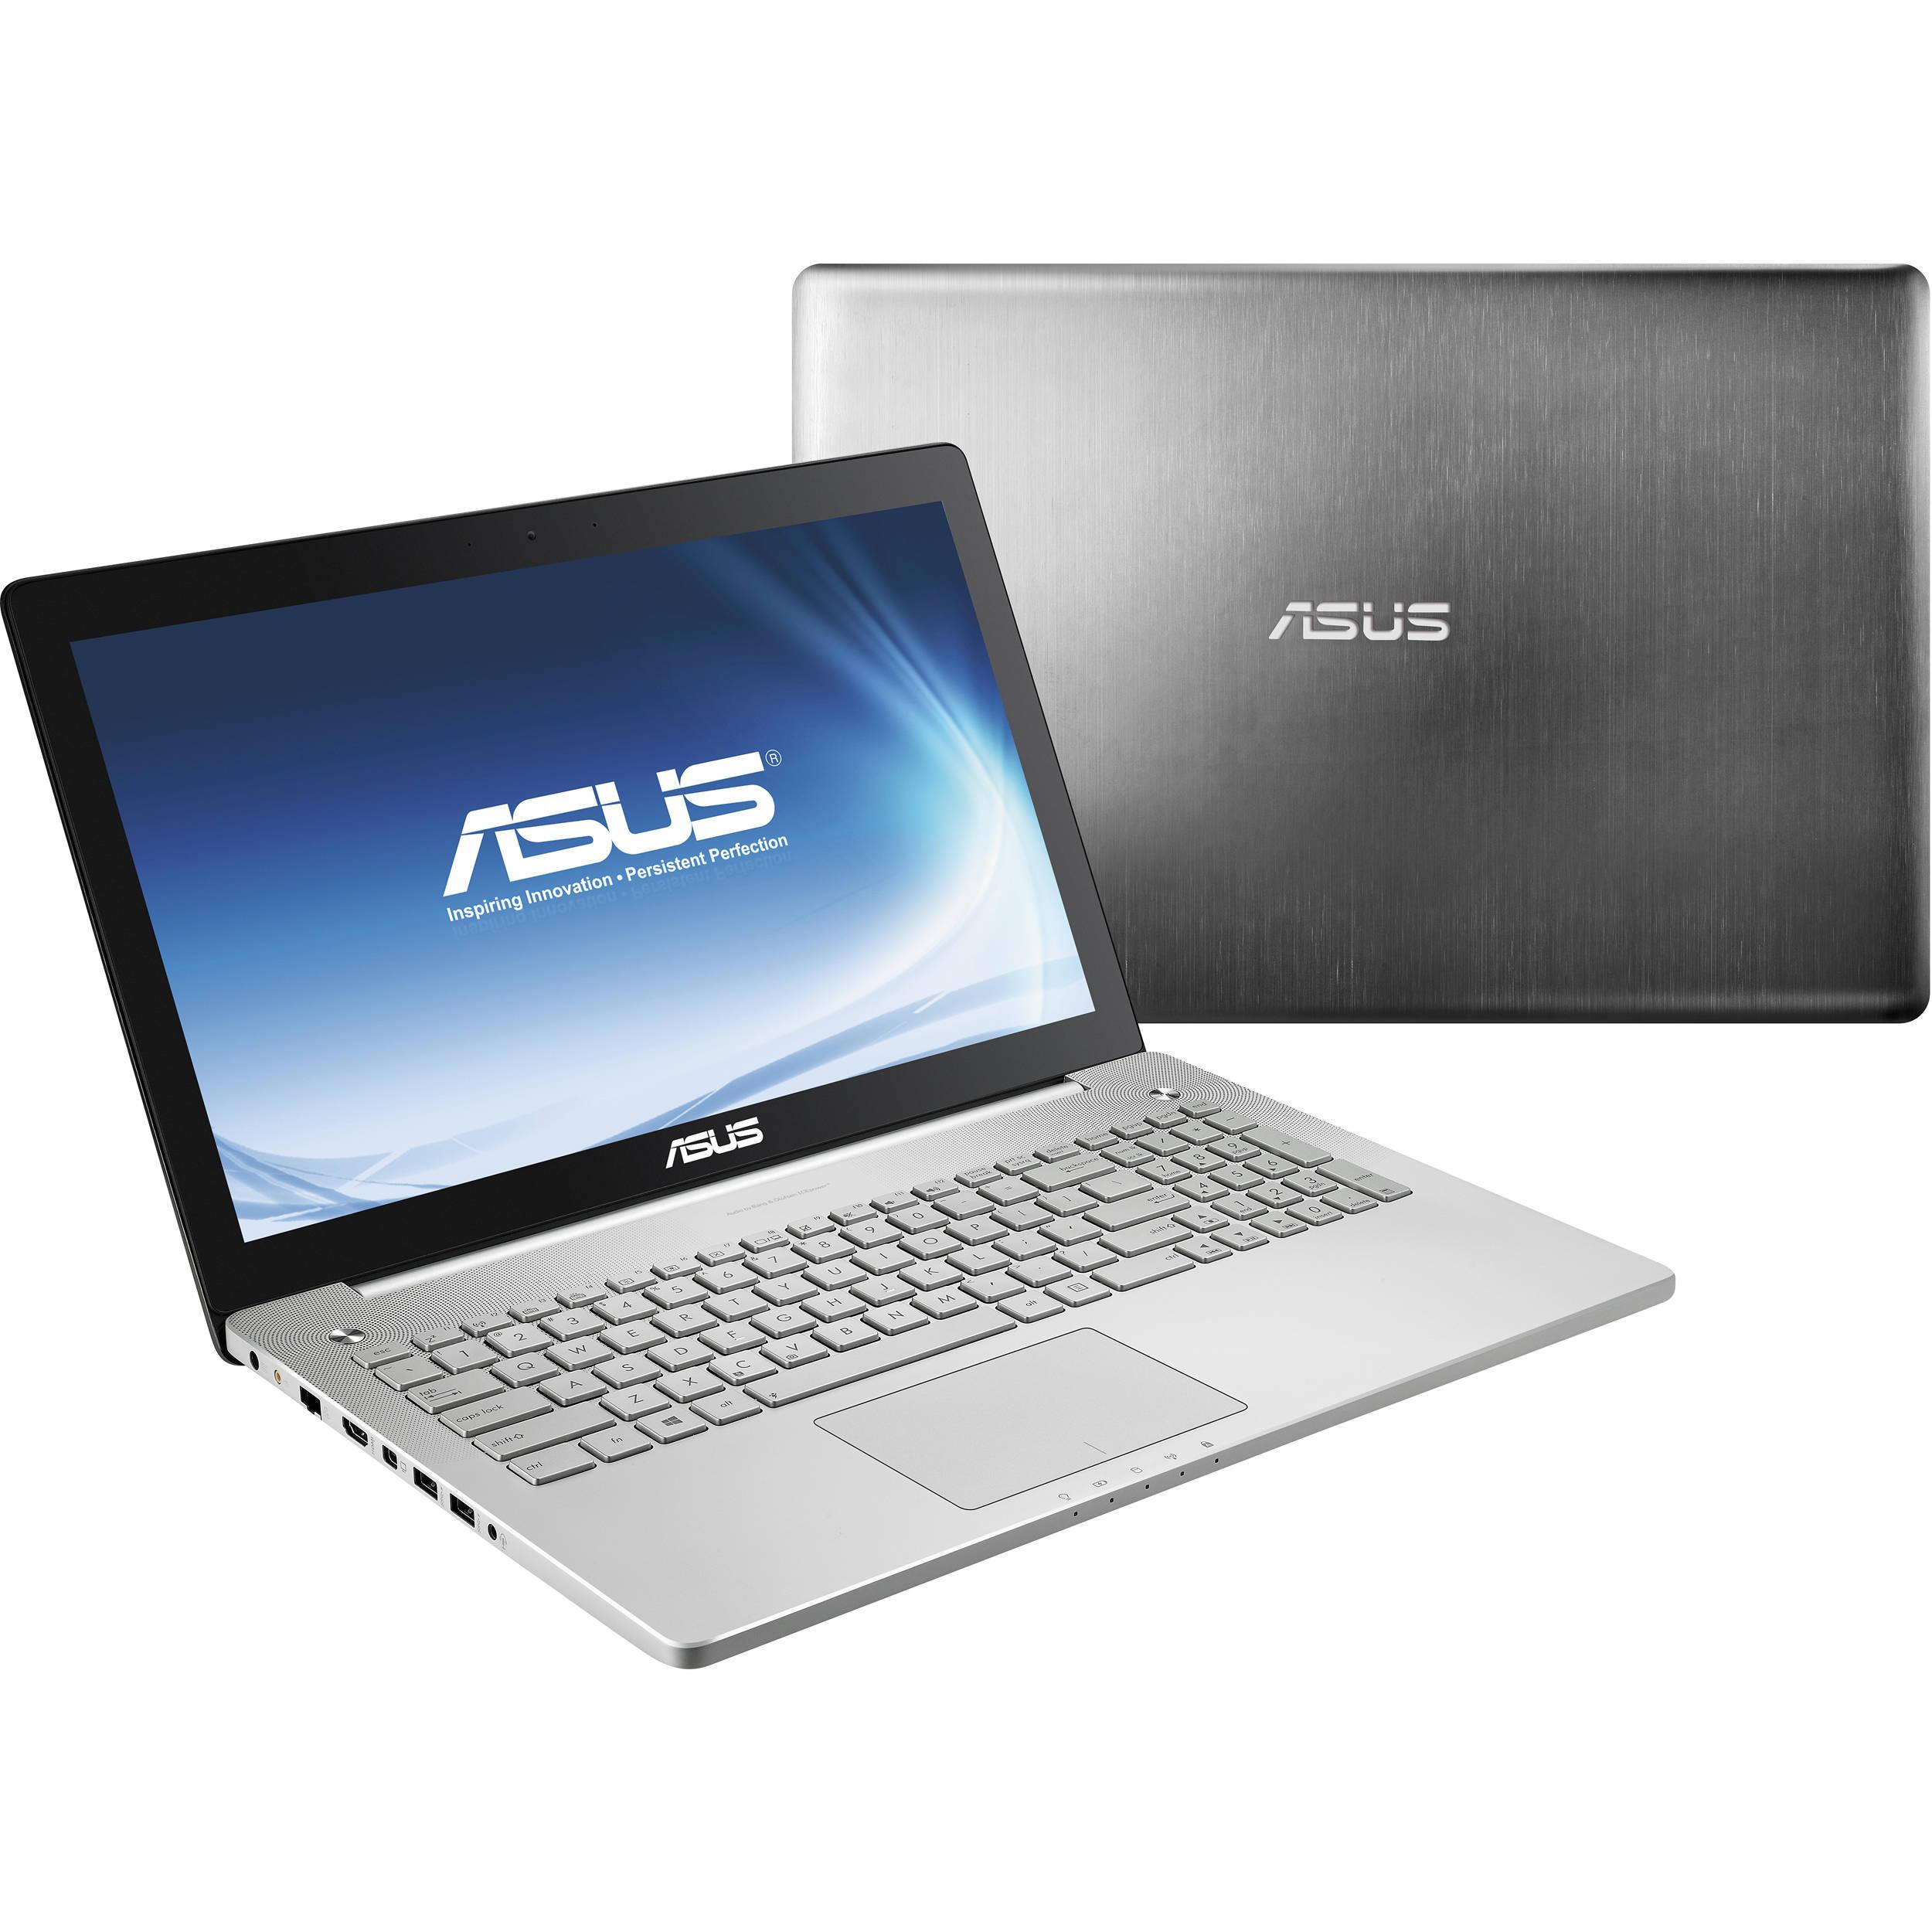 Compare Asus N550jk Db74t Vs Asus X550jk Dh71 Vs Asus Gl551jm Vs